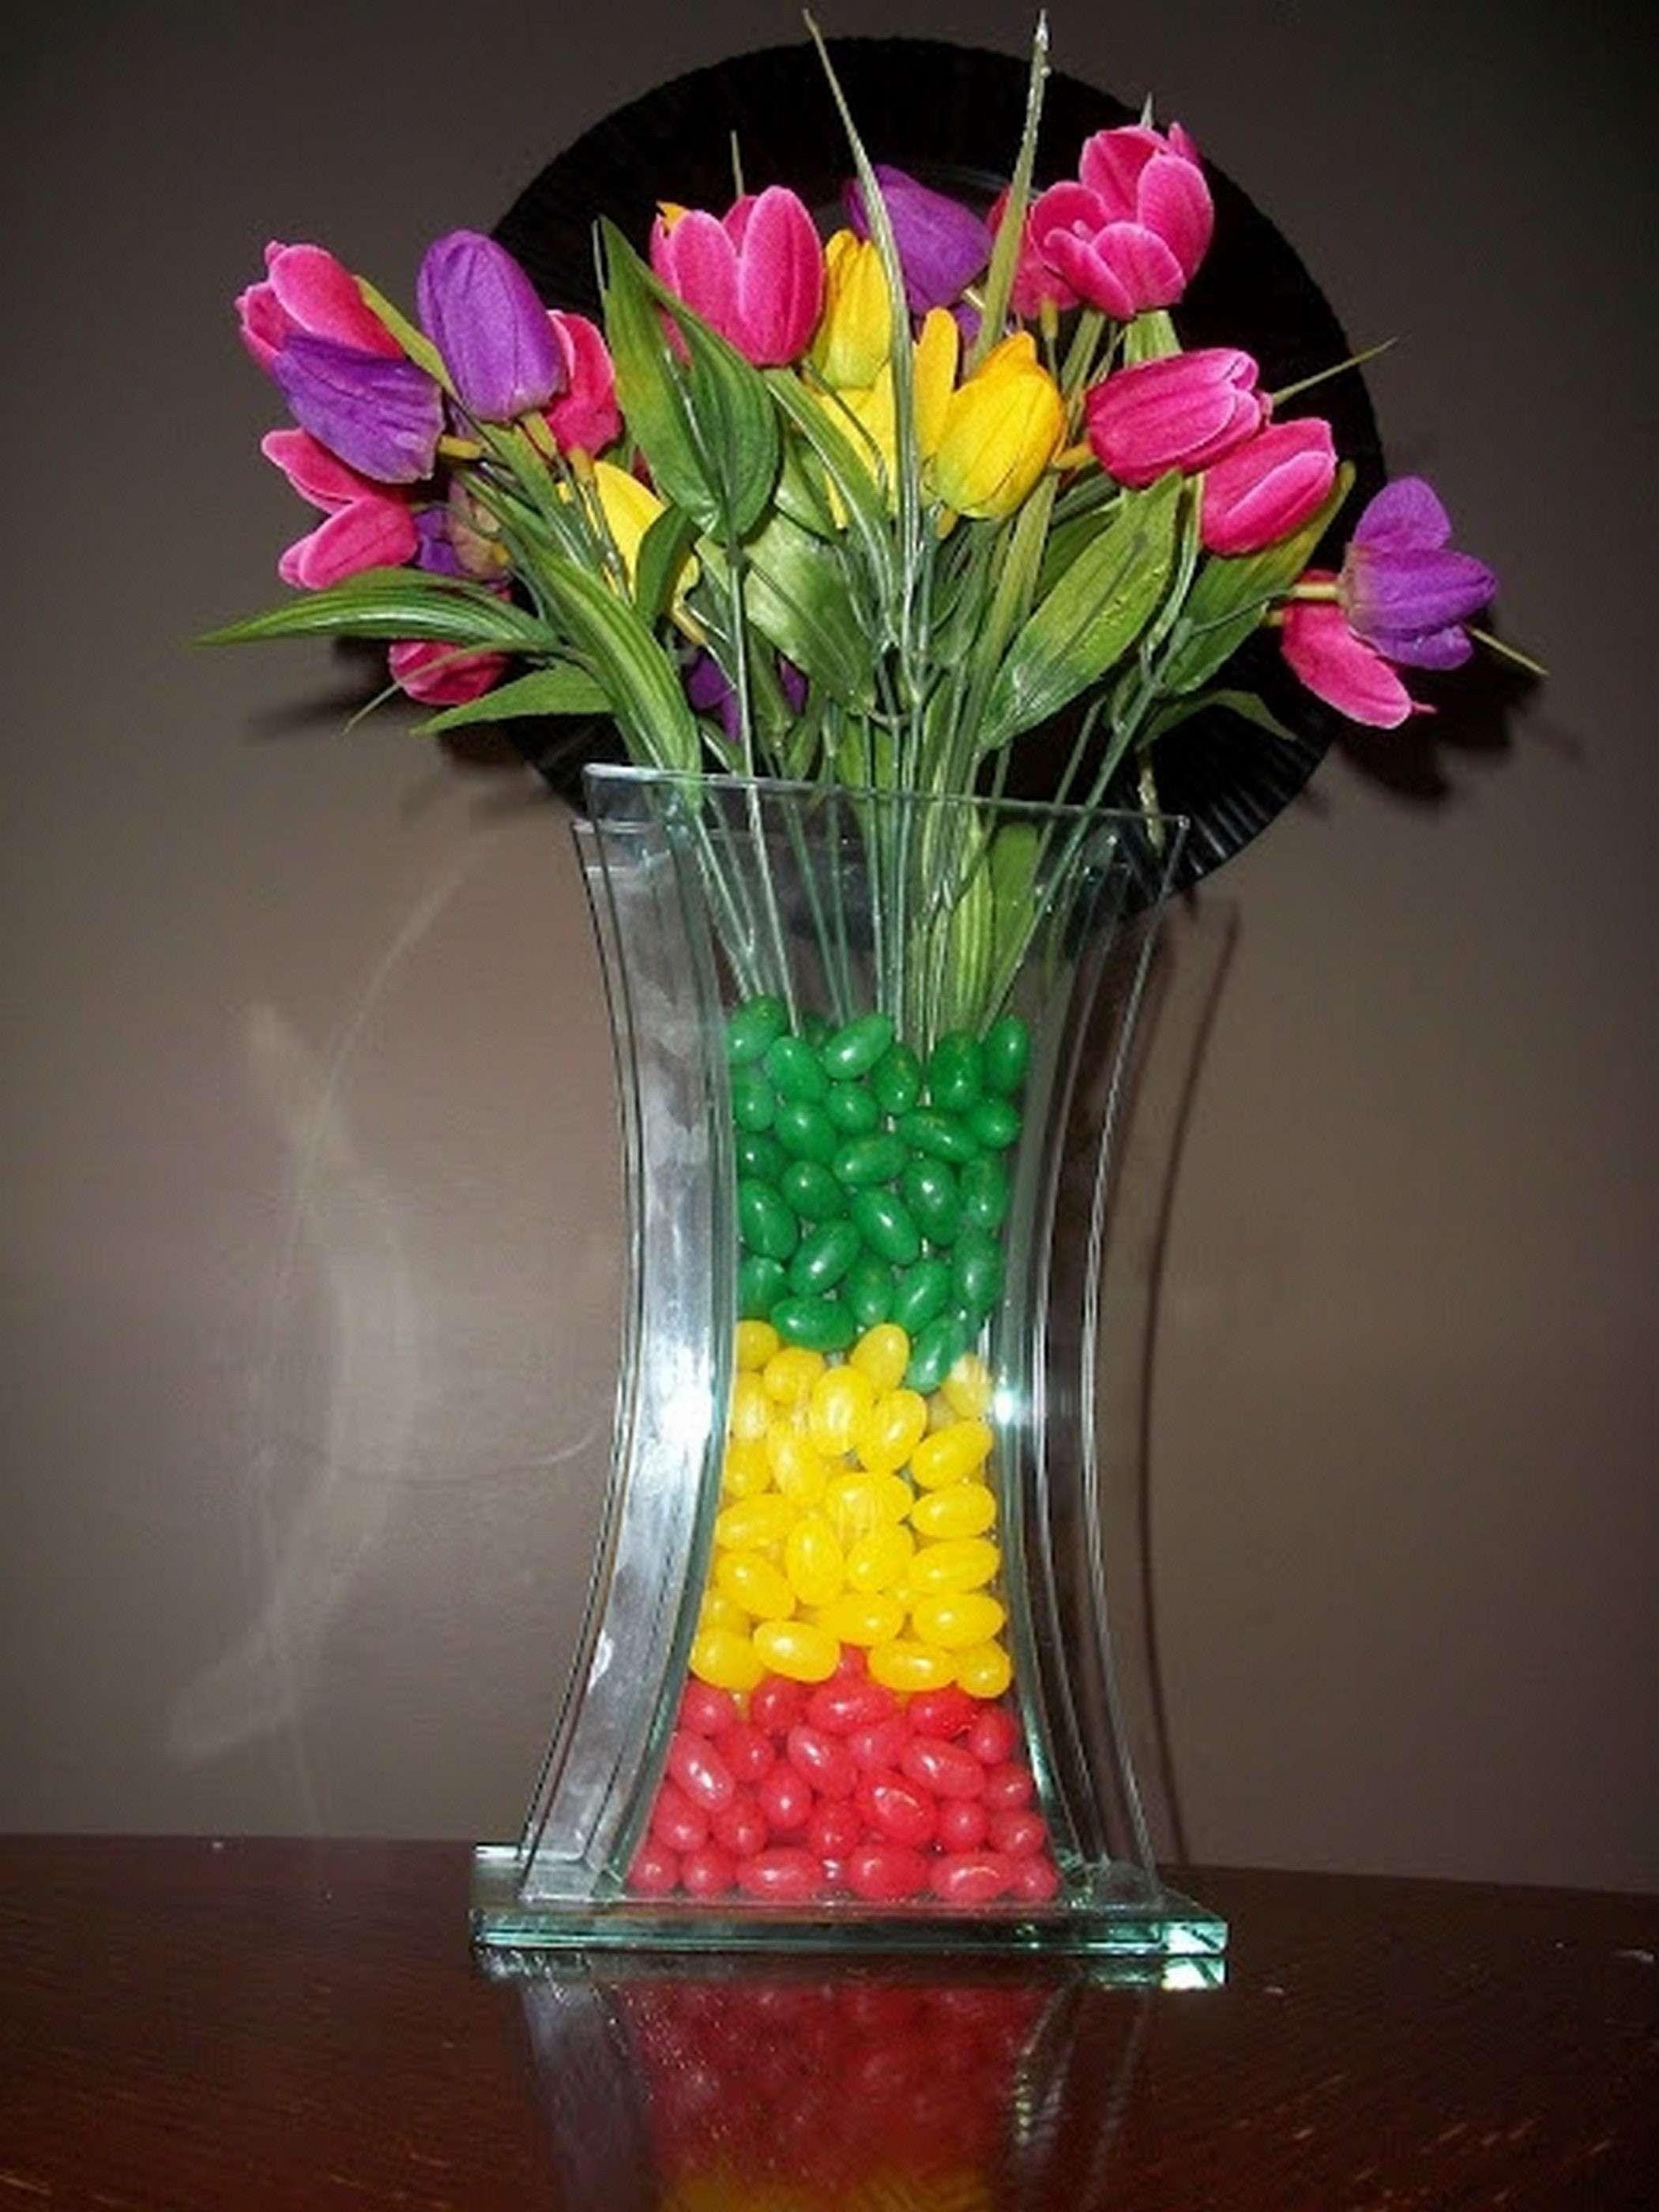 cheap plastic vases of 15 cheap and easy diy vase filler ideas 3h vases flower i 0d scheme inside 15 cheap and easy diy vase filler ideas 3h vases flower i 0d scheme